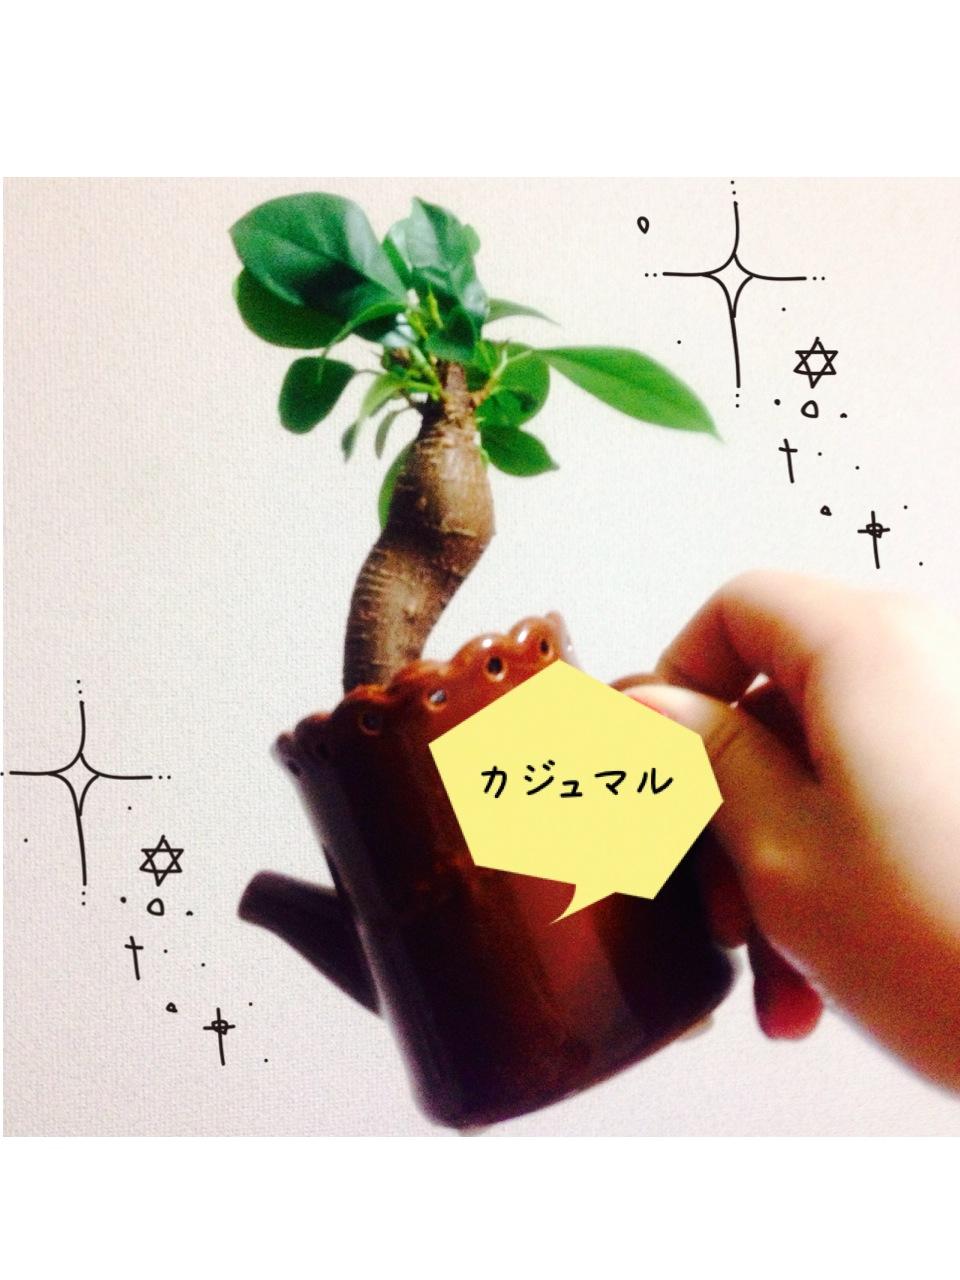 名古屋へ来てから…_a0118722_12474810.jpg